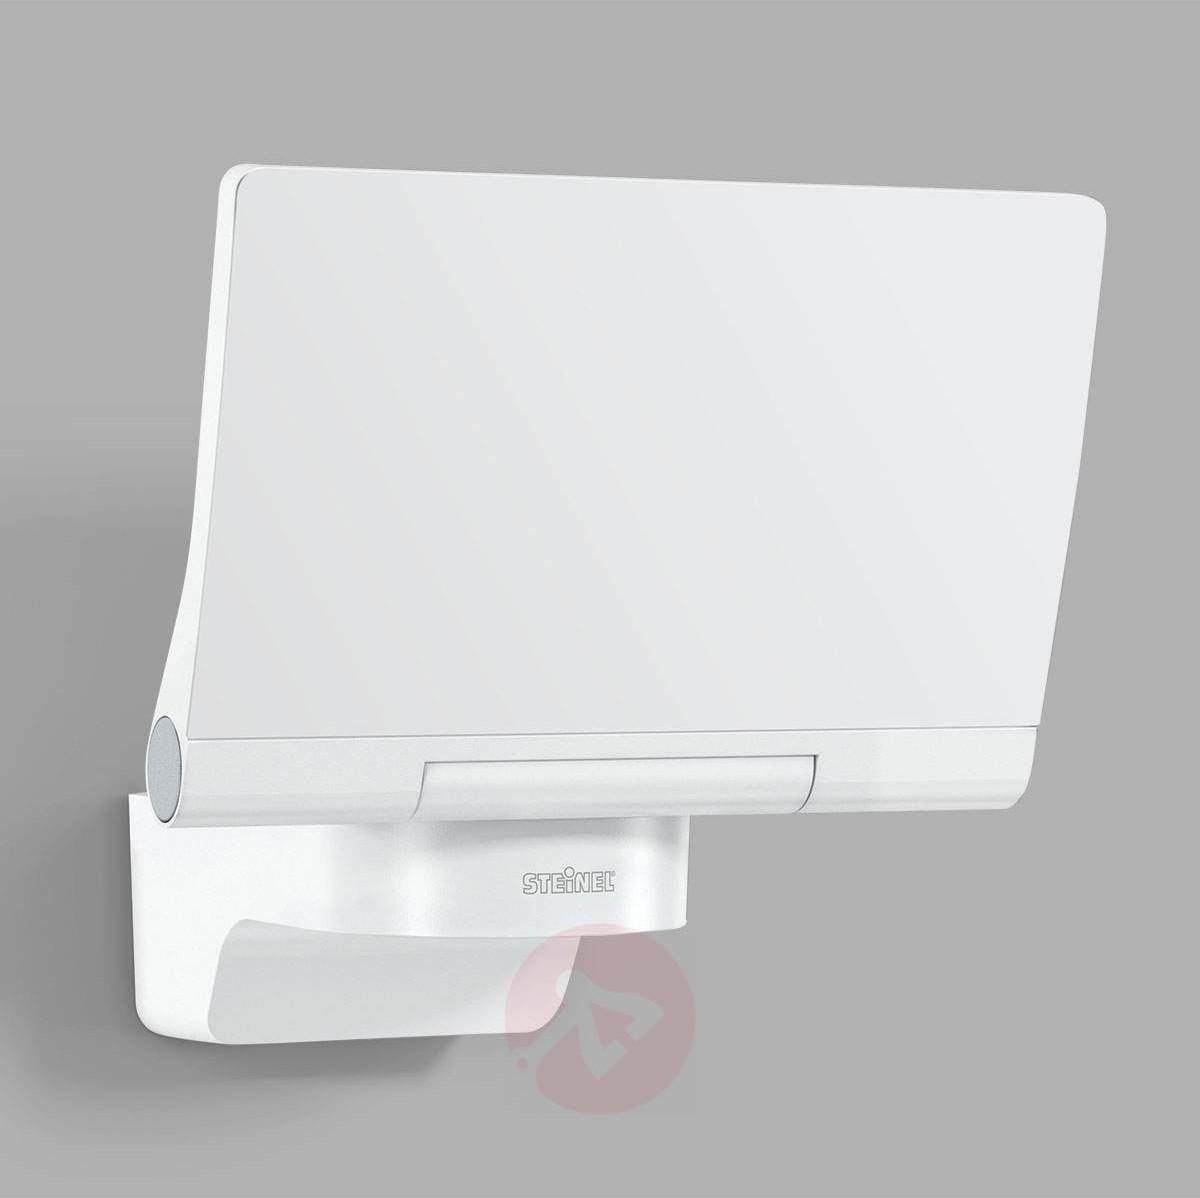 Steinel VSA Van Spijk Reflektor zewnętrzny XLED Home 2 Slave, biały, 033125 033125